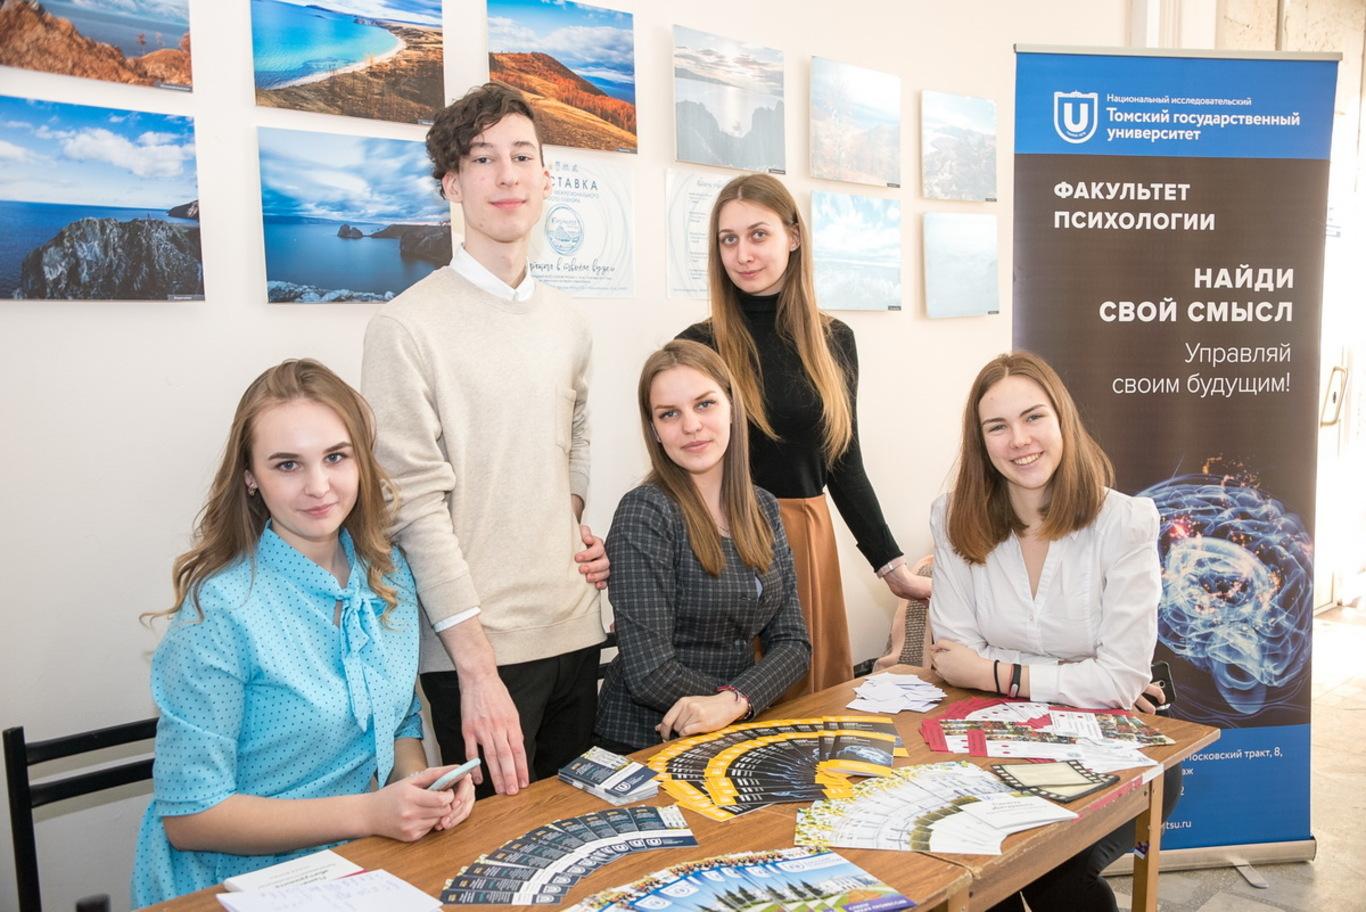 俄罗斯大学留学学费一览,俄罗斯留学学费需要花多少钱?插图1-小狮座俄罗斯留学